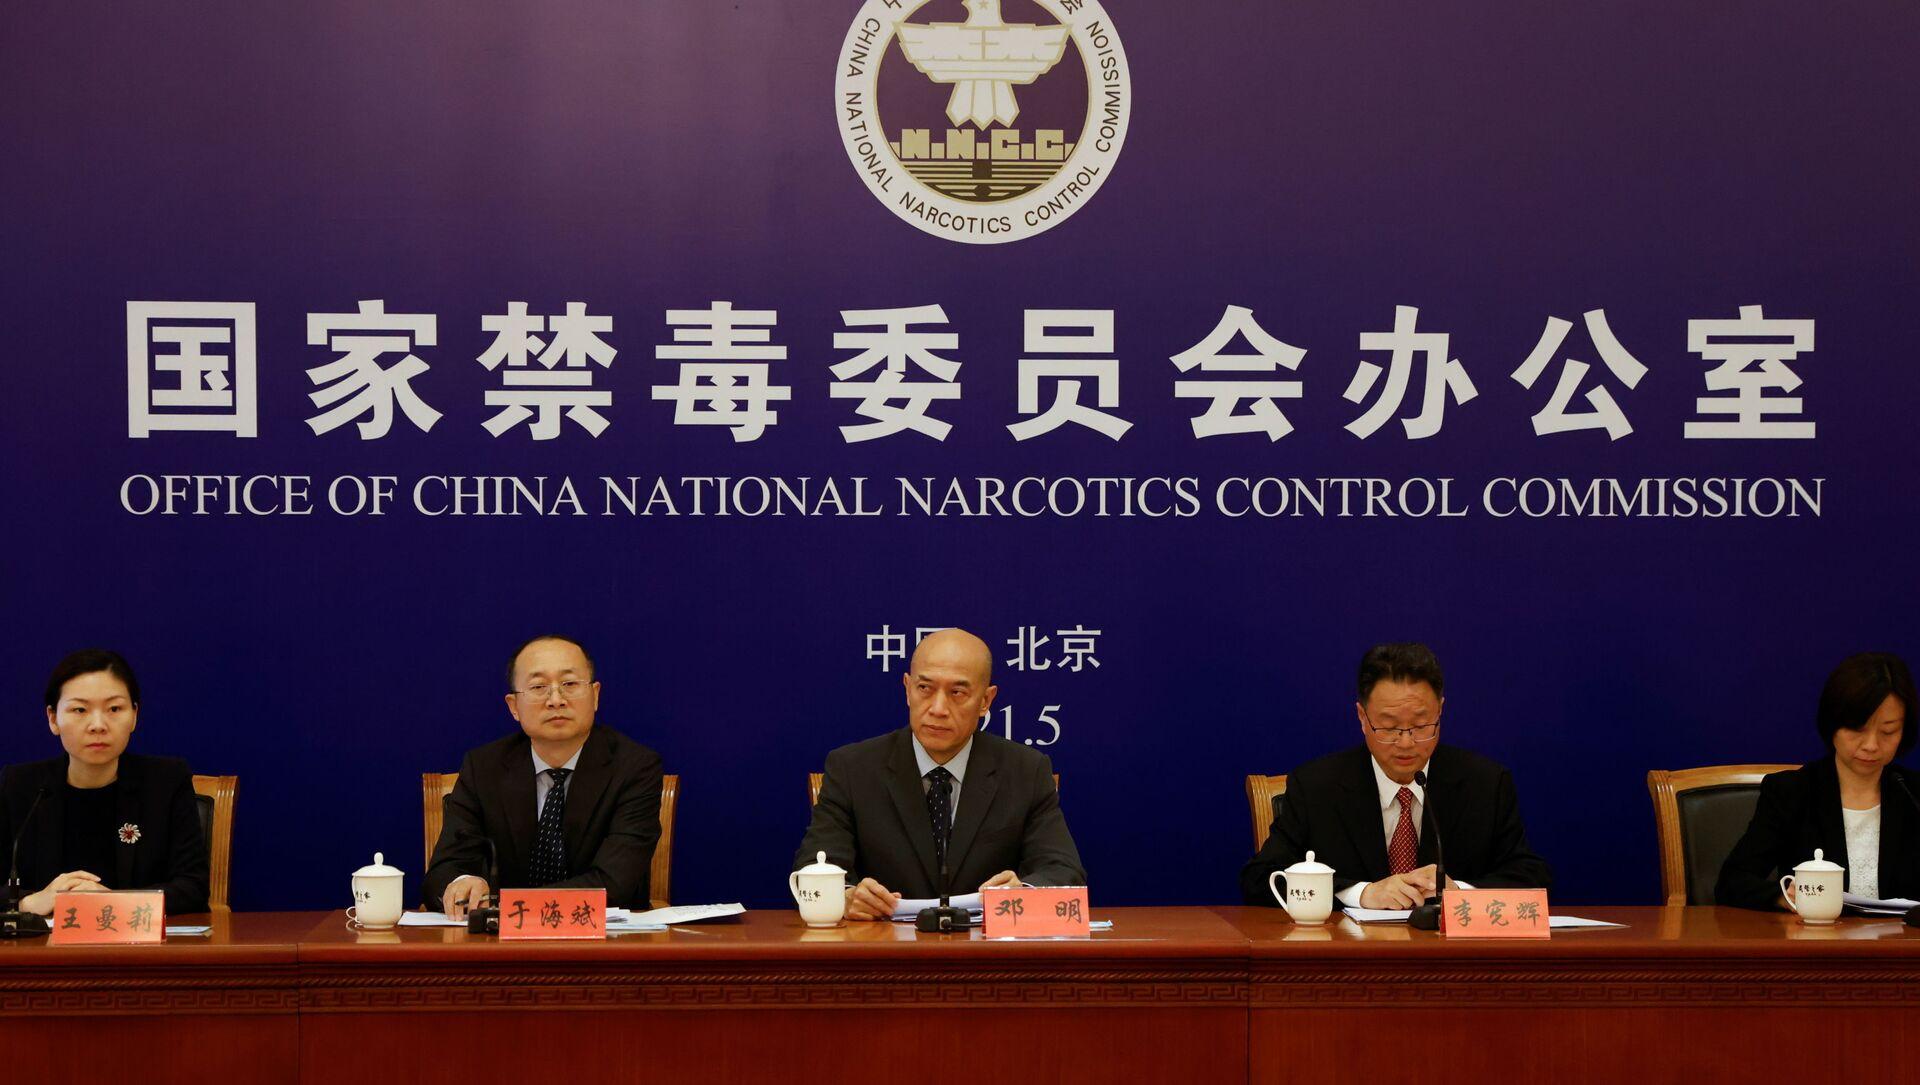 Çin - Ulusal Narkotik Kontrol Komisyonu - Sputnik Türkiye, 1920, 11.05.2021